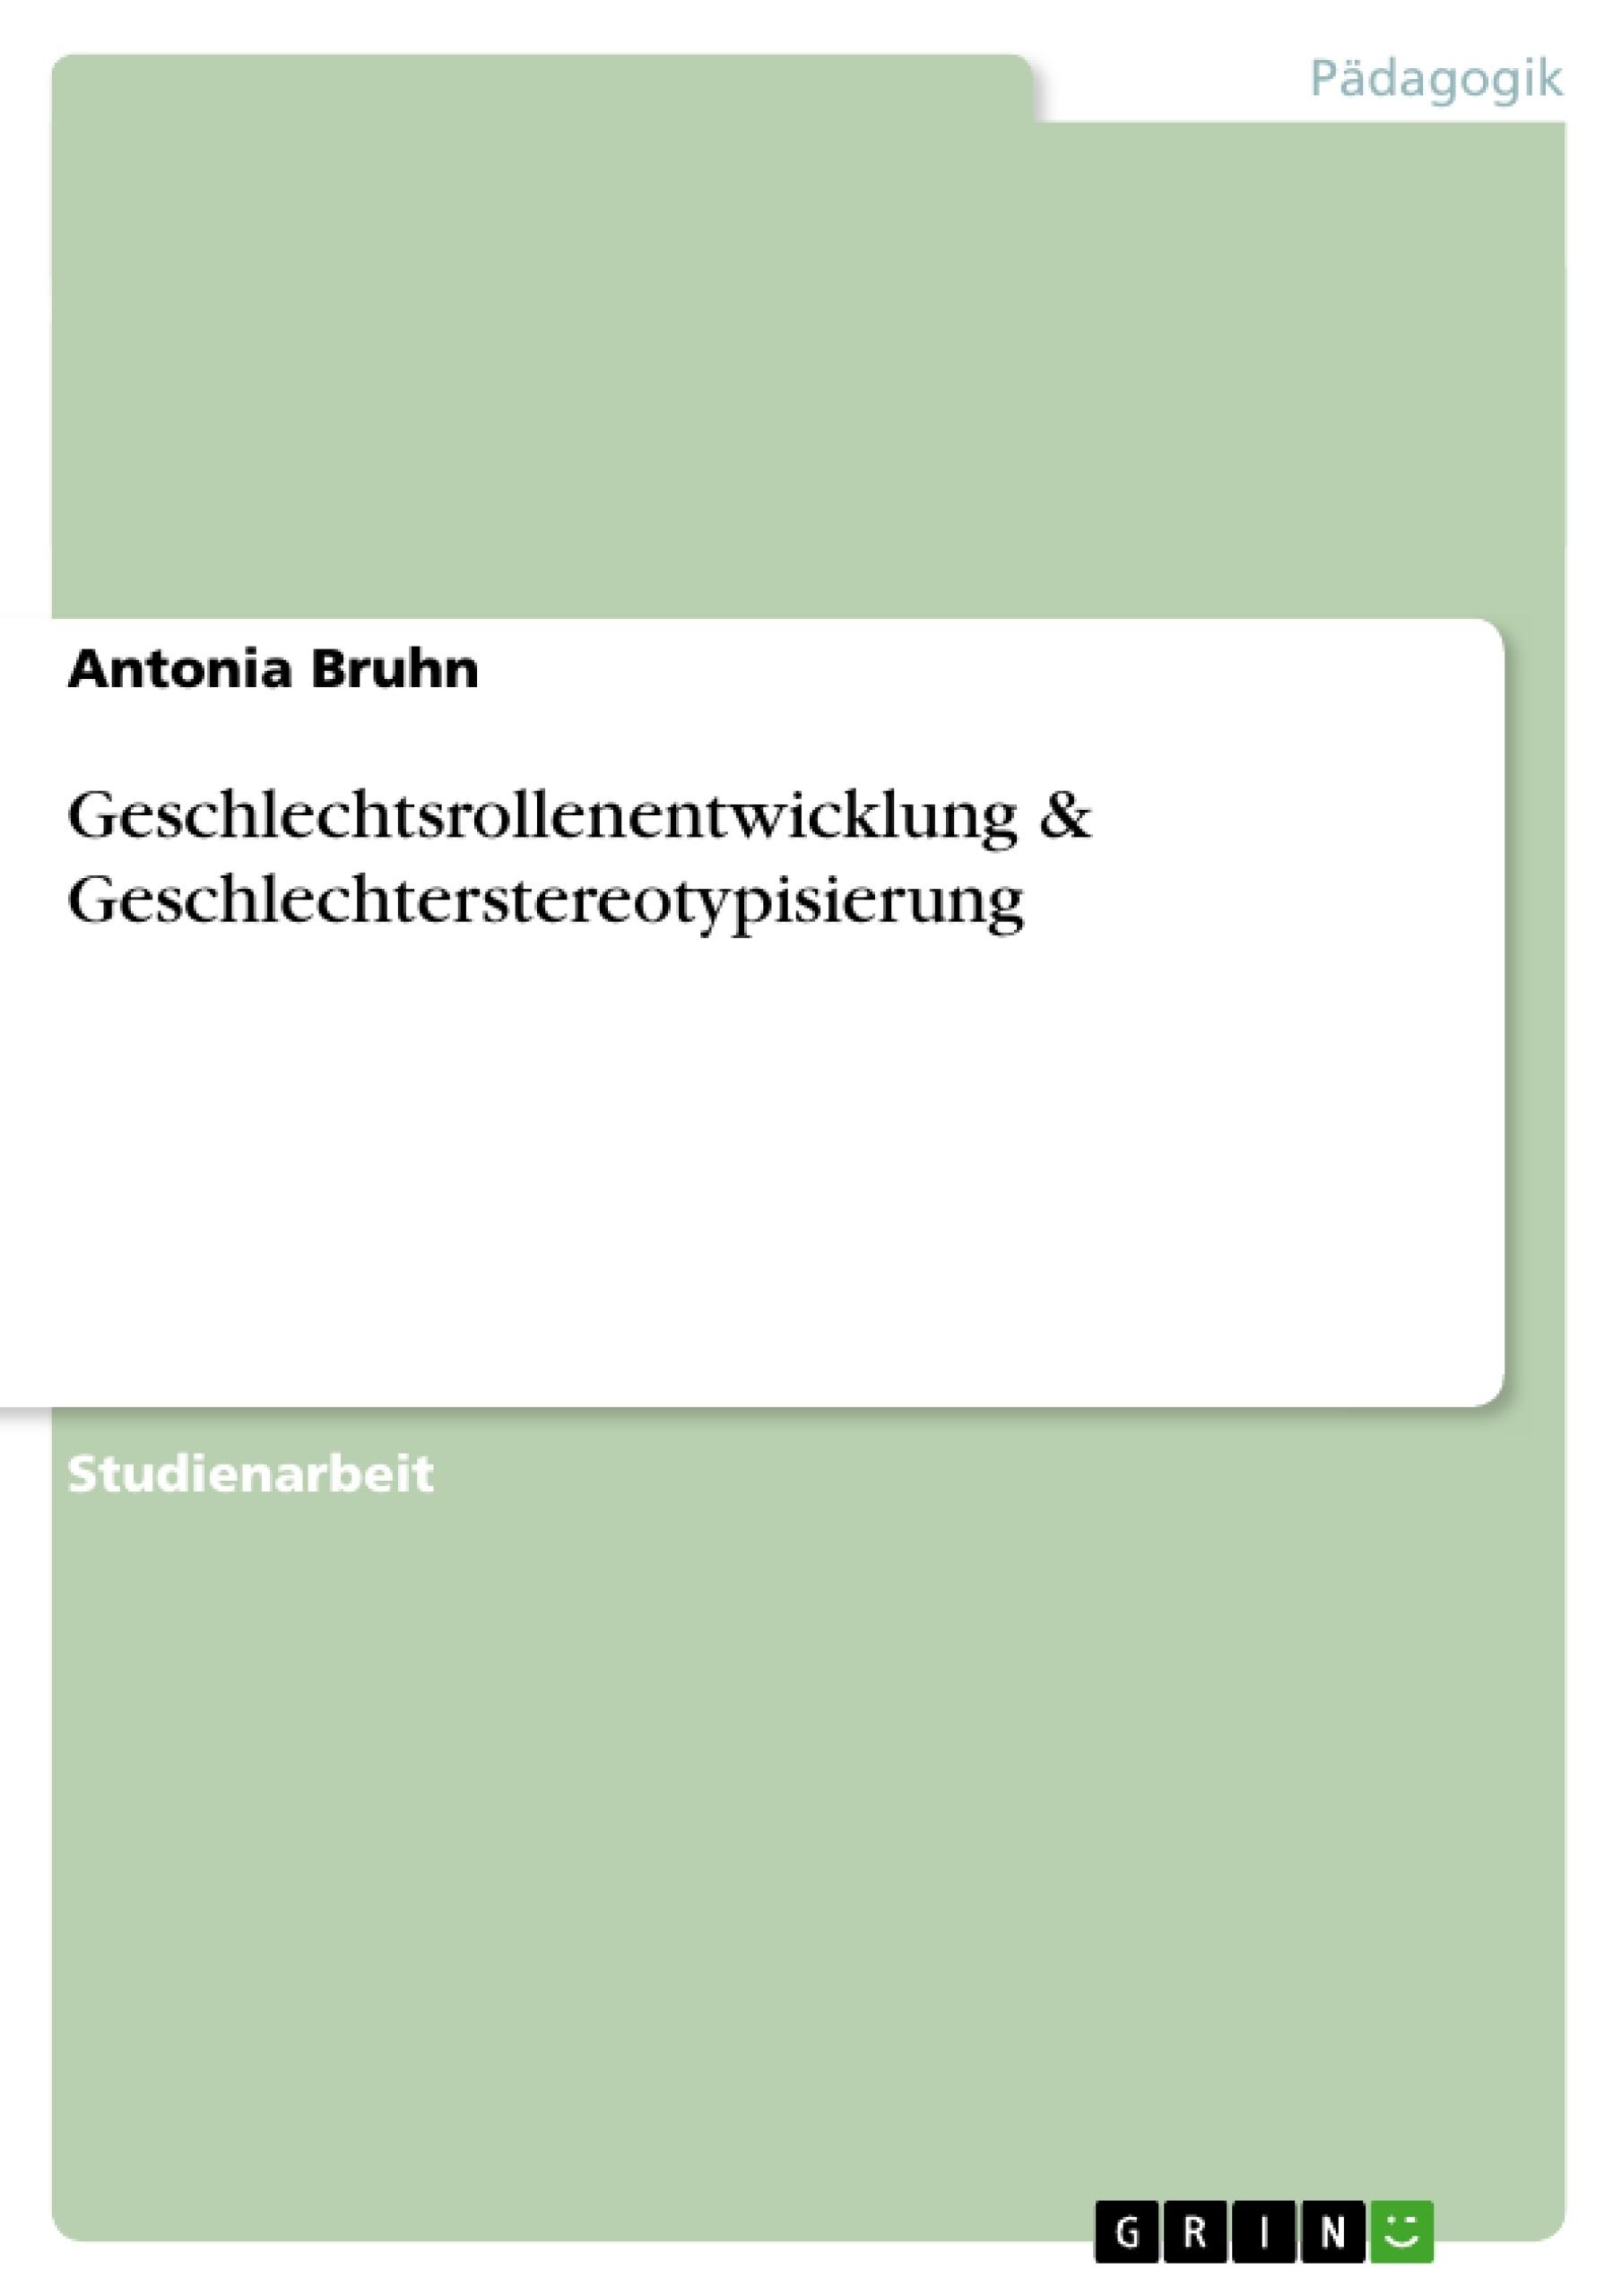 Titel: Geschlechtsrollenentwicklung & Geschlechterstereotypisierung